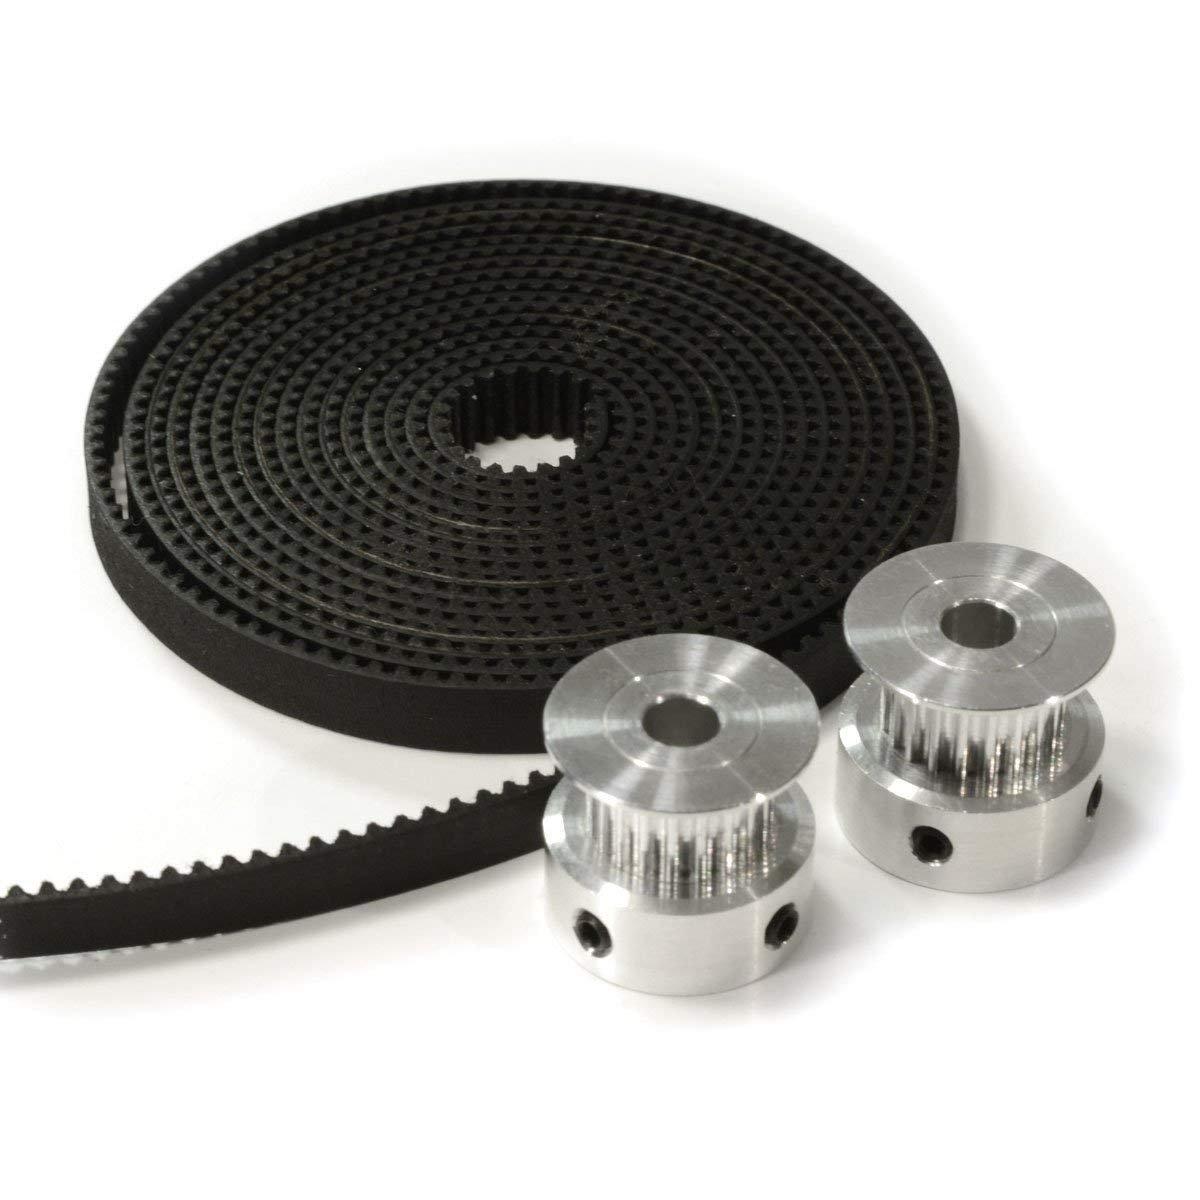 10mm Largeur pour CNC 3D Printer Reprap Prusa BAAQII 2M 10mm GT2 Courroie de Distribution Ouverte 6